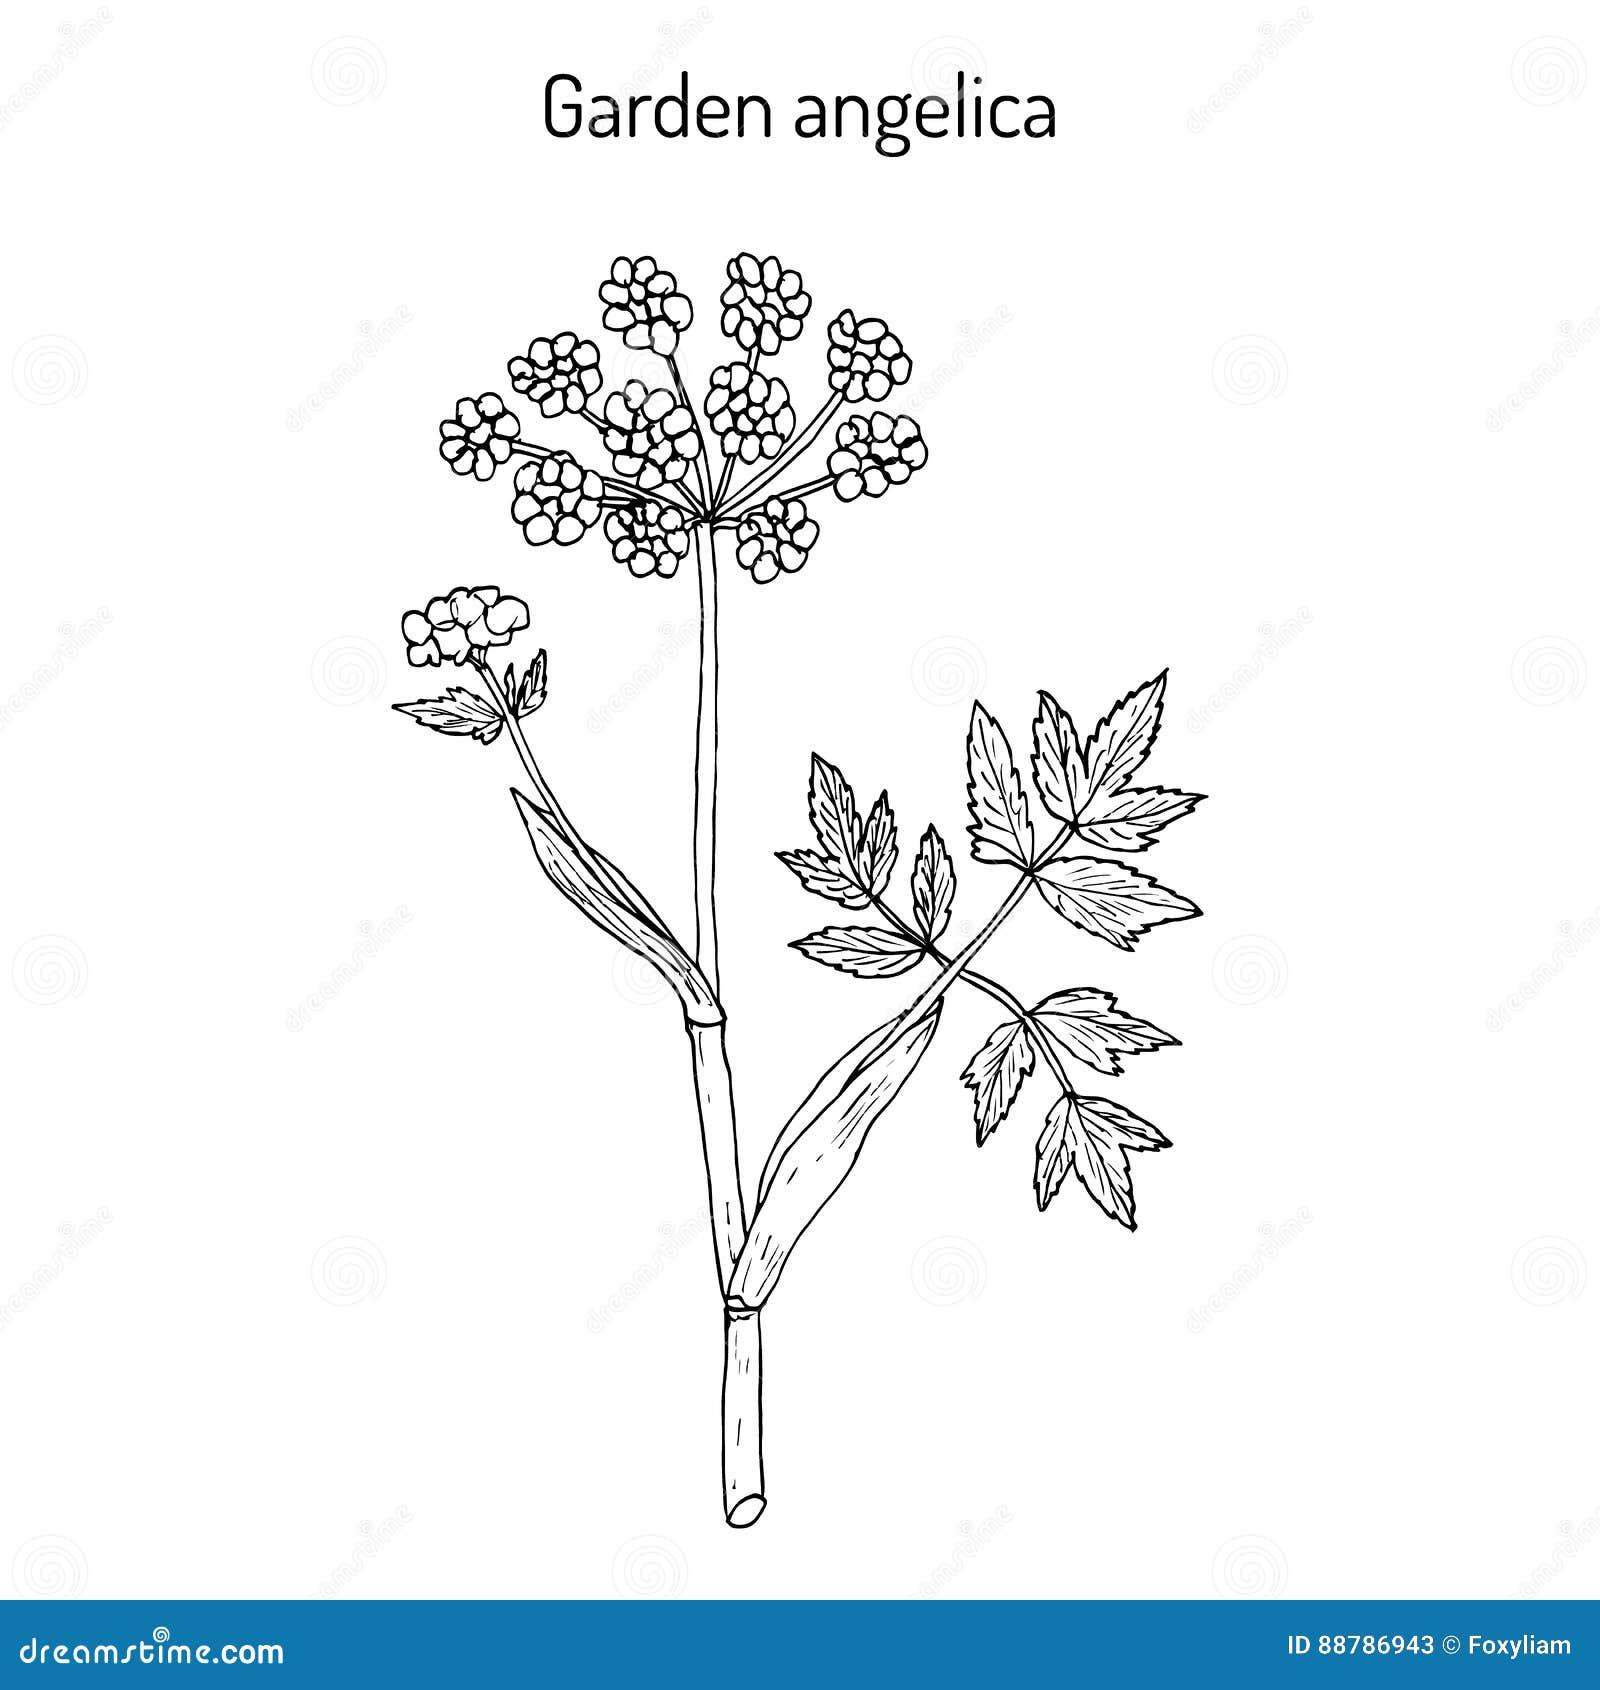 De Engelwortelarchangelica van de tuinengelwortel, of wilde selderie